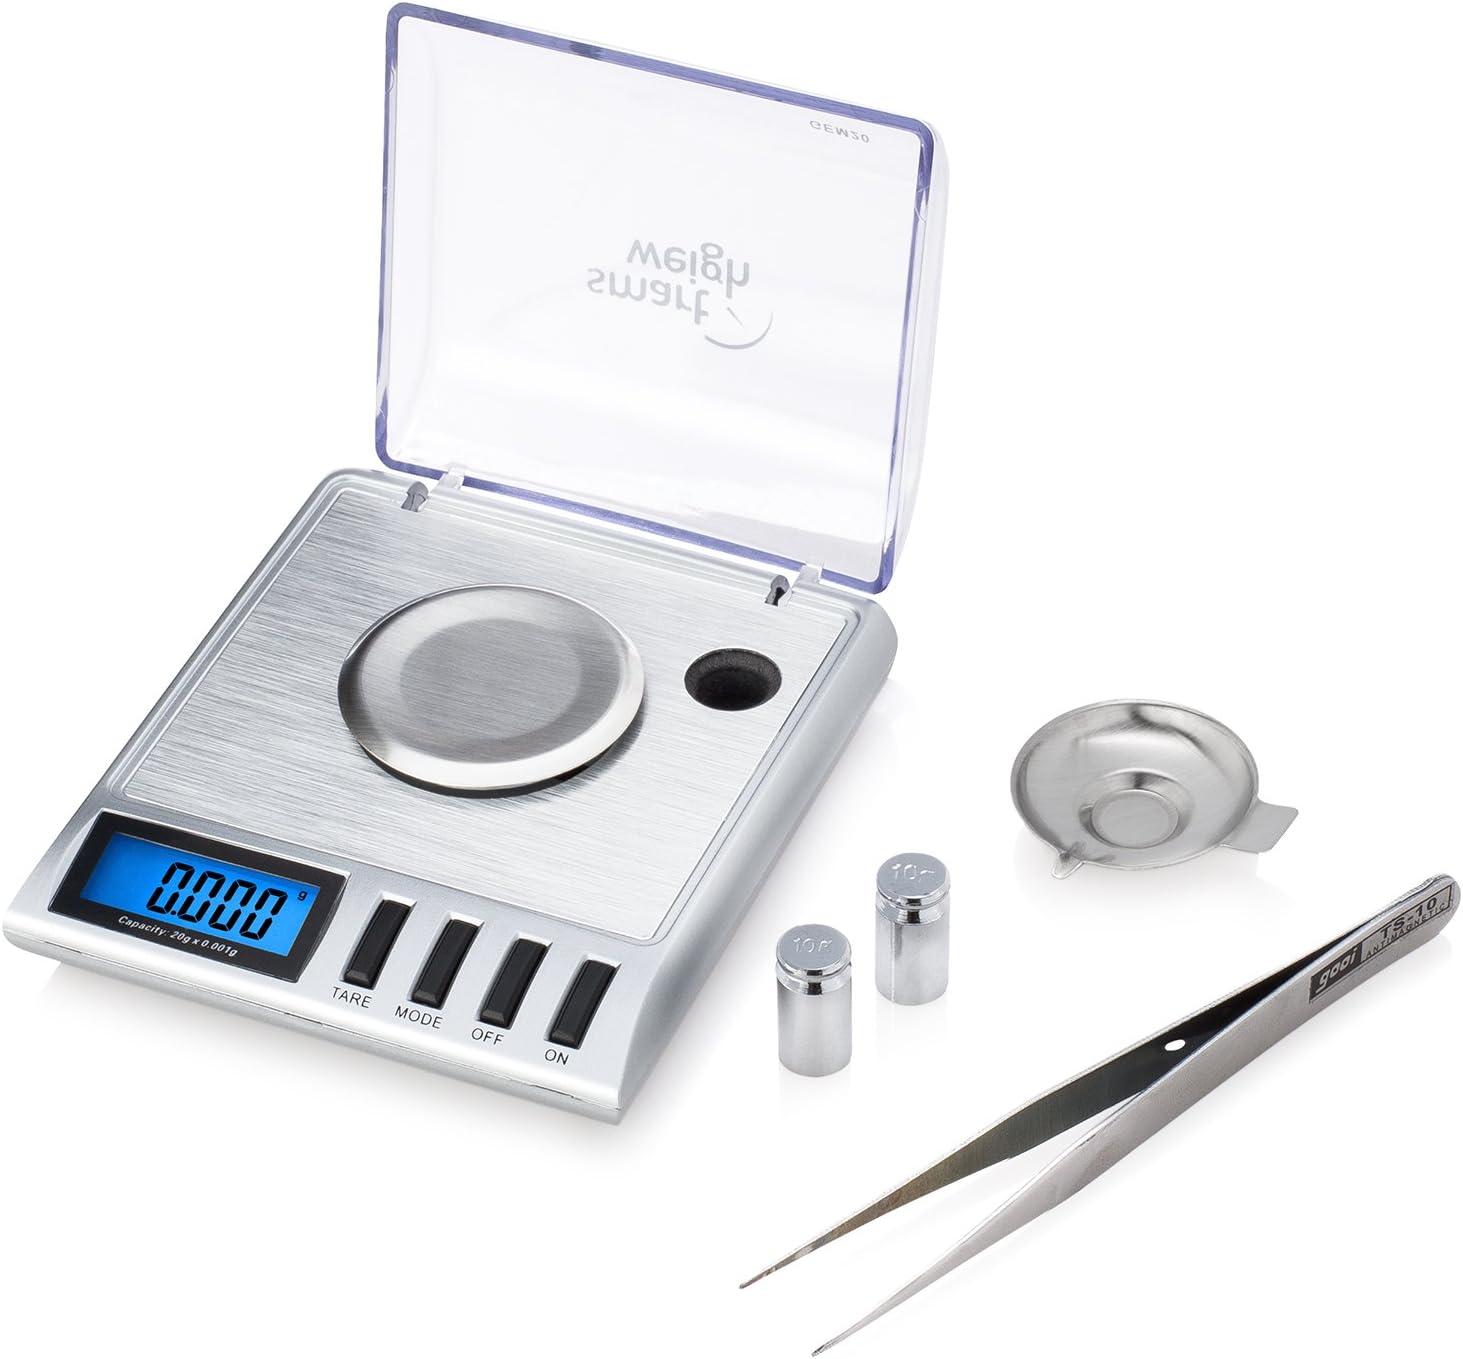 5. Smart Weigh GEM20 Digital Scale